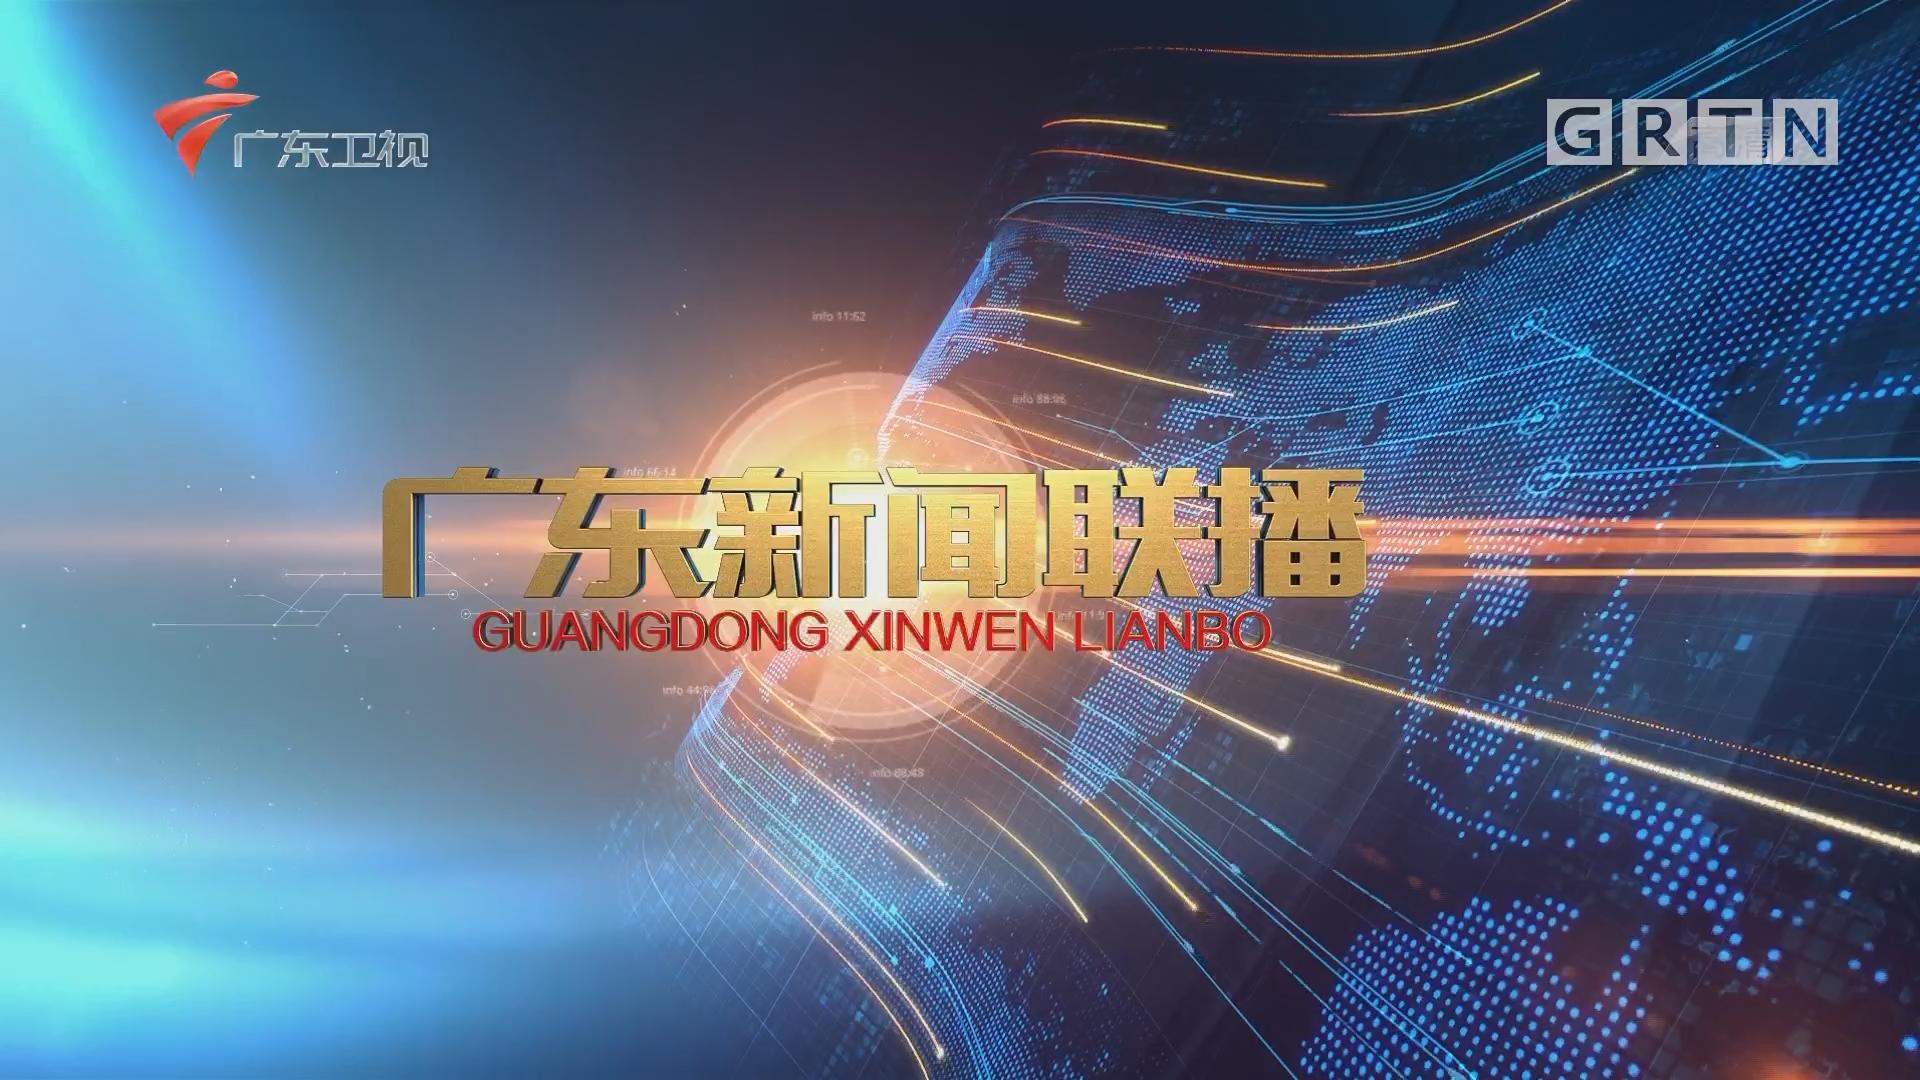 [HD][2018-10-24]广东新闻联播:习近平出席开通仪式并宣布港珠澳大桥正式开通 韩正出席仪式并致辞